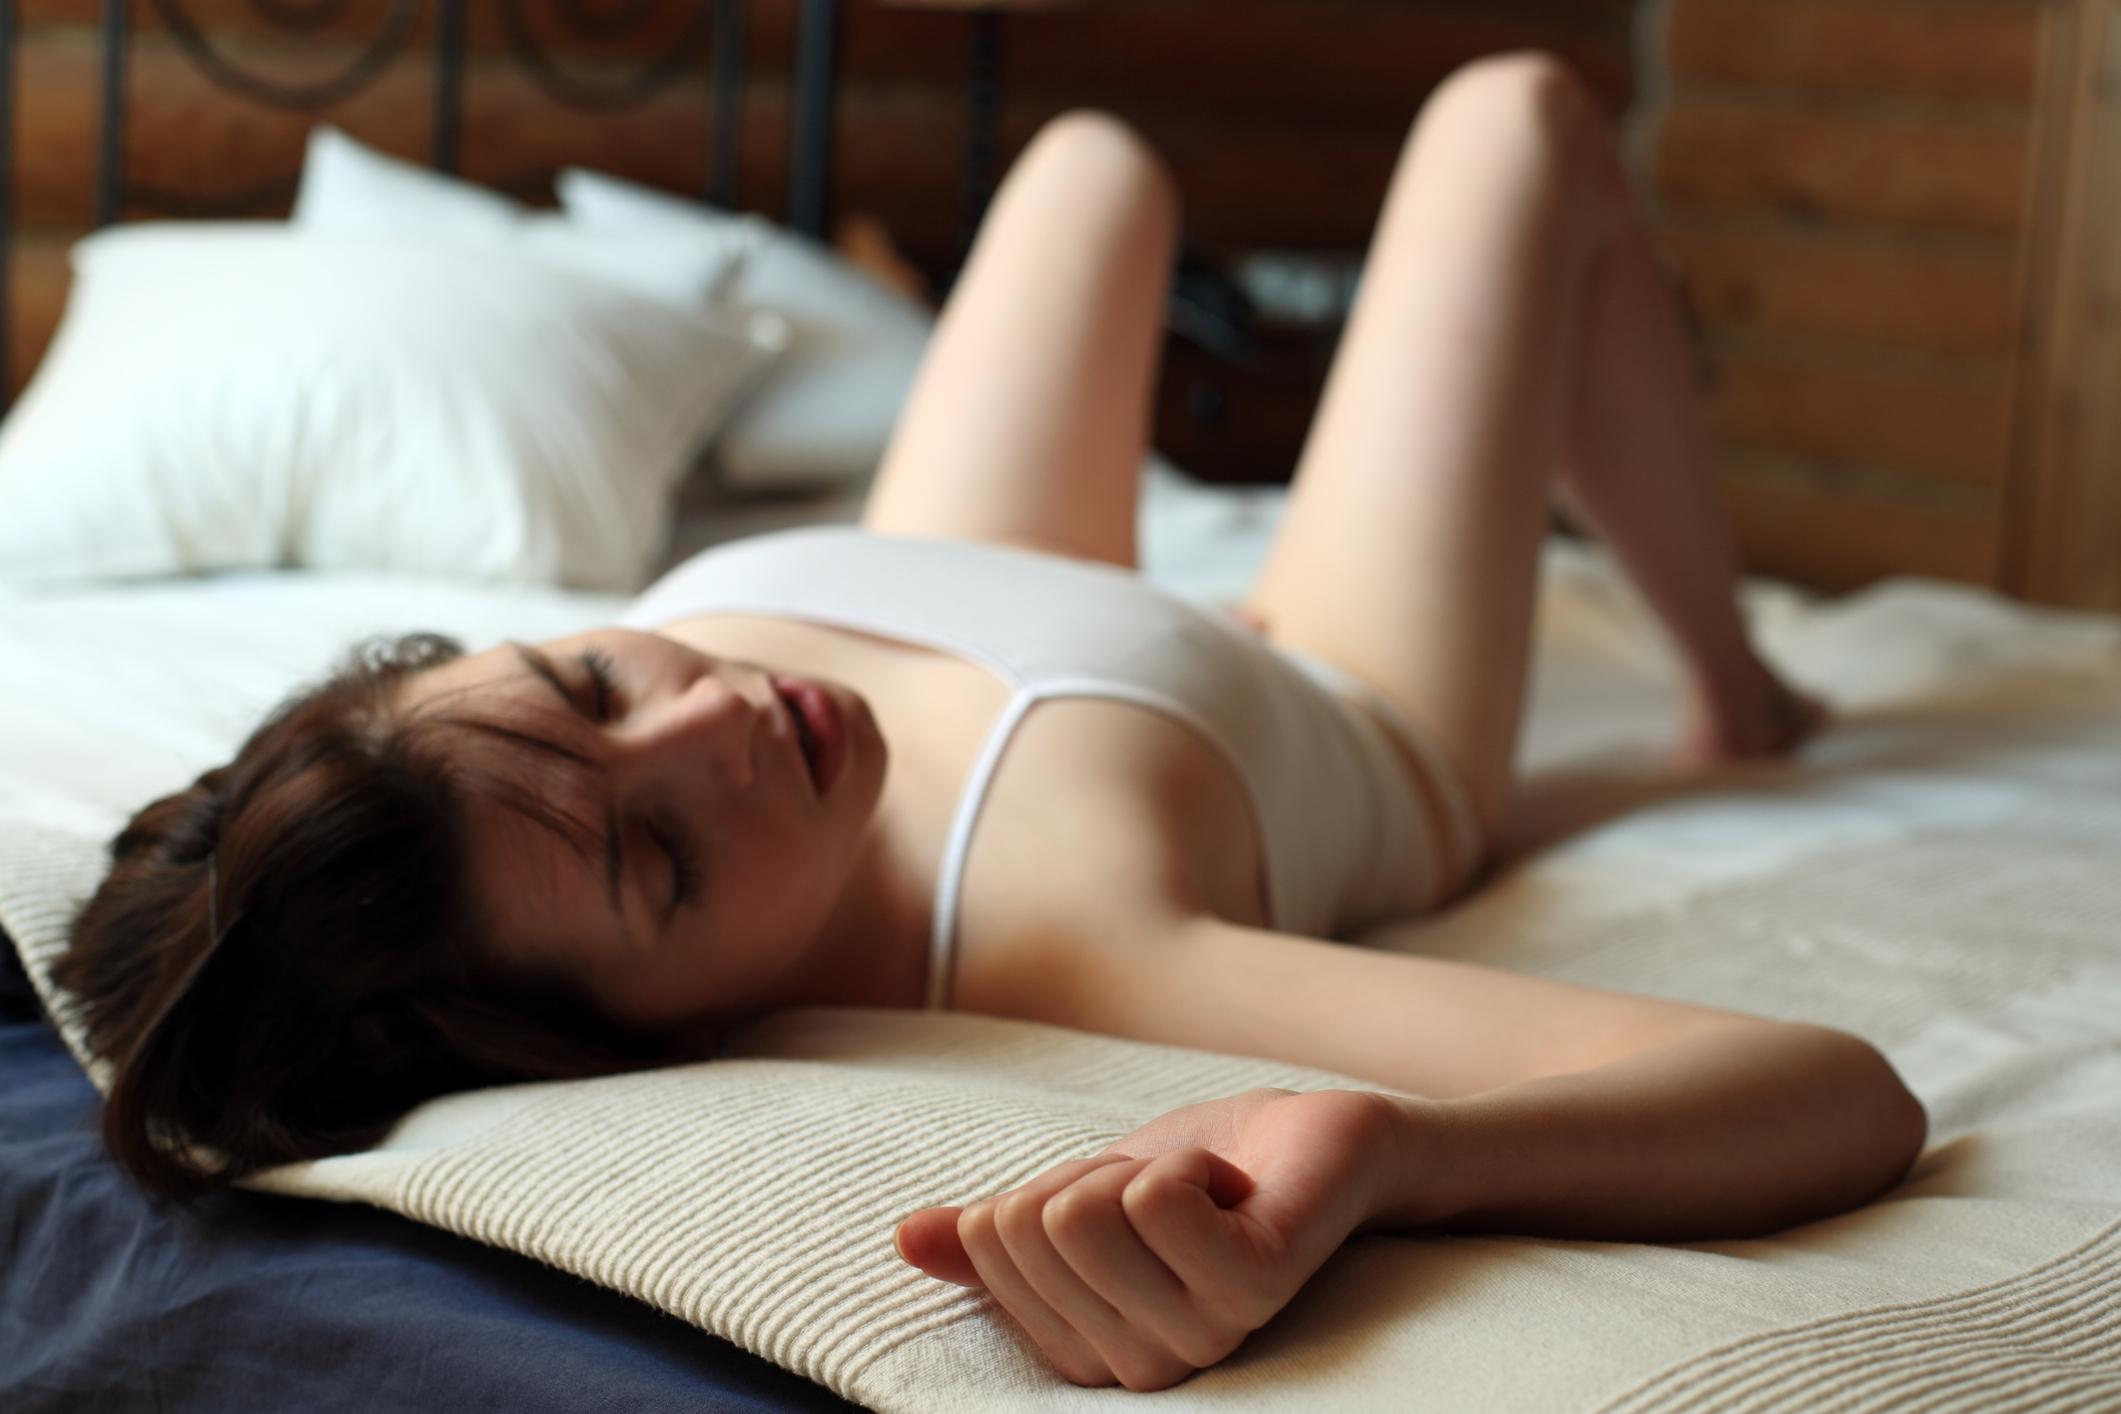 orgazmusszekta